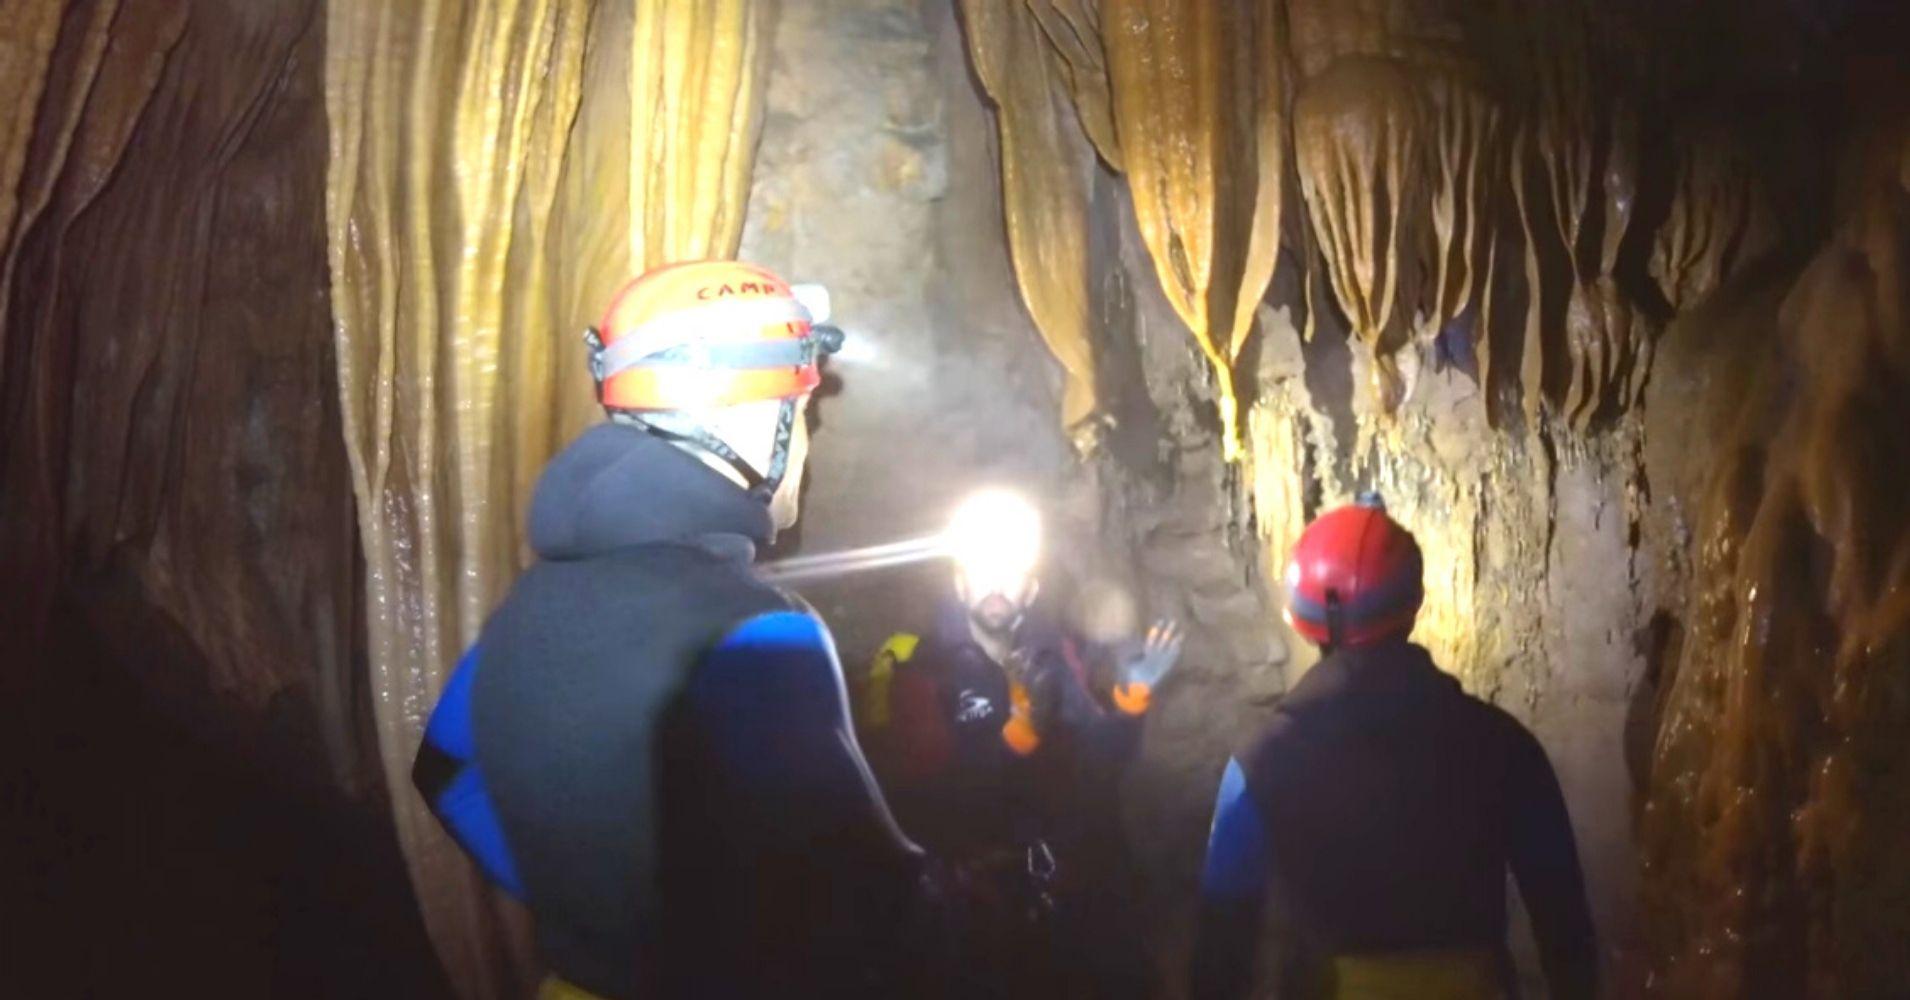 Formaciones Geológicas en el Curso de Aguas de la Cueva de Valporquero. León, Castilla y León.